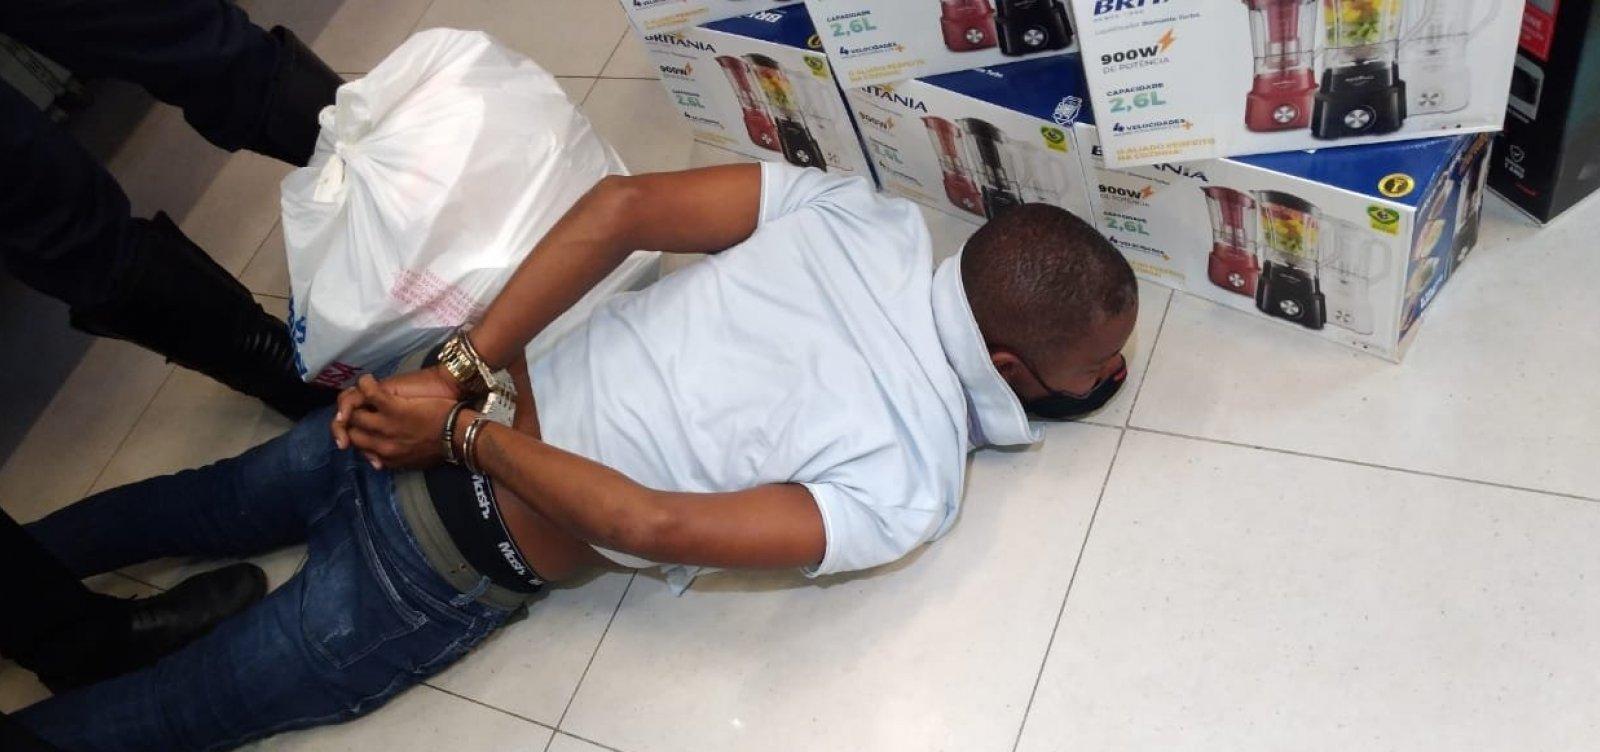 Homem dorme em loja de shopping para furtar celular na madrugada, mas acaba sendo descoberto